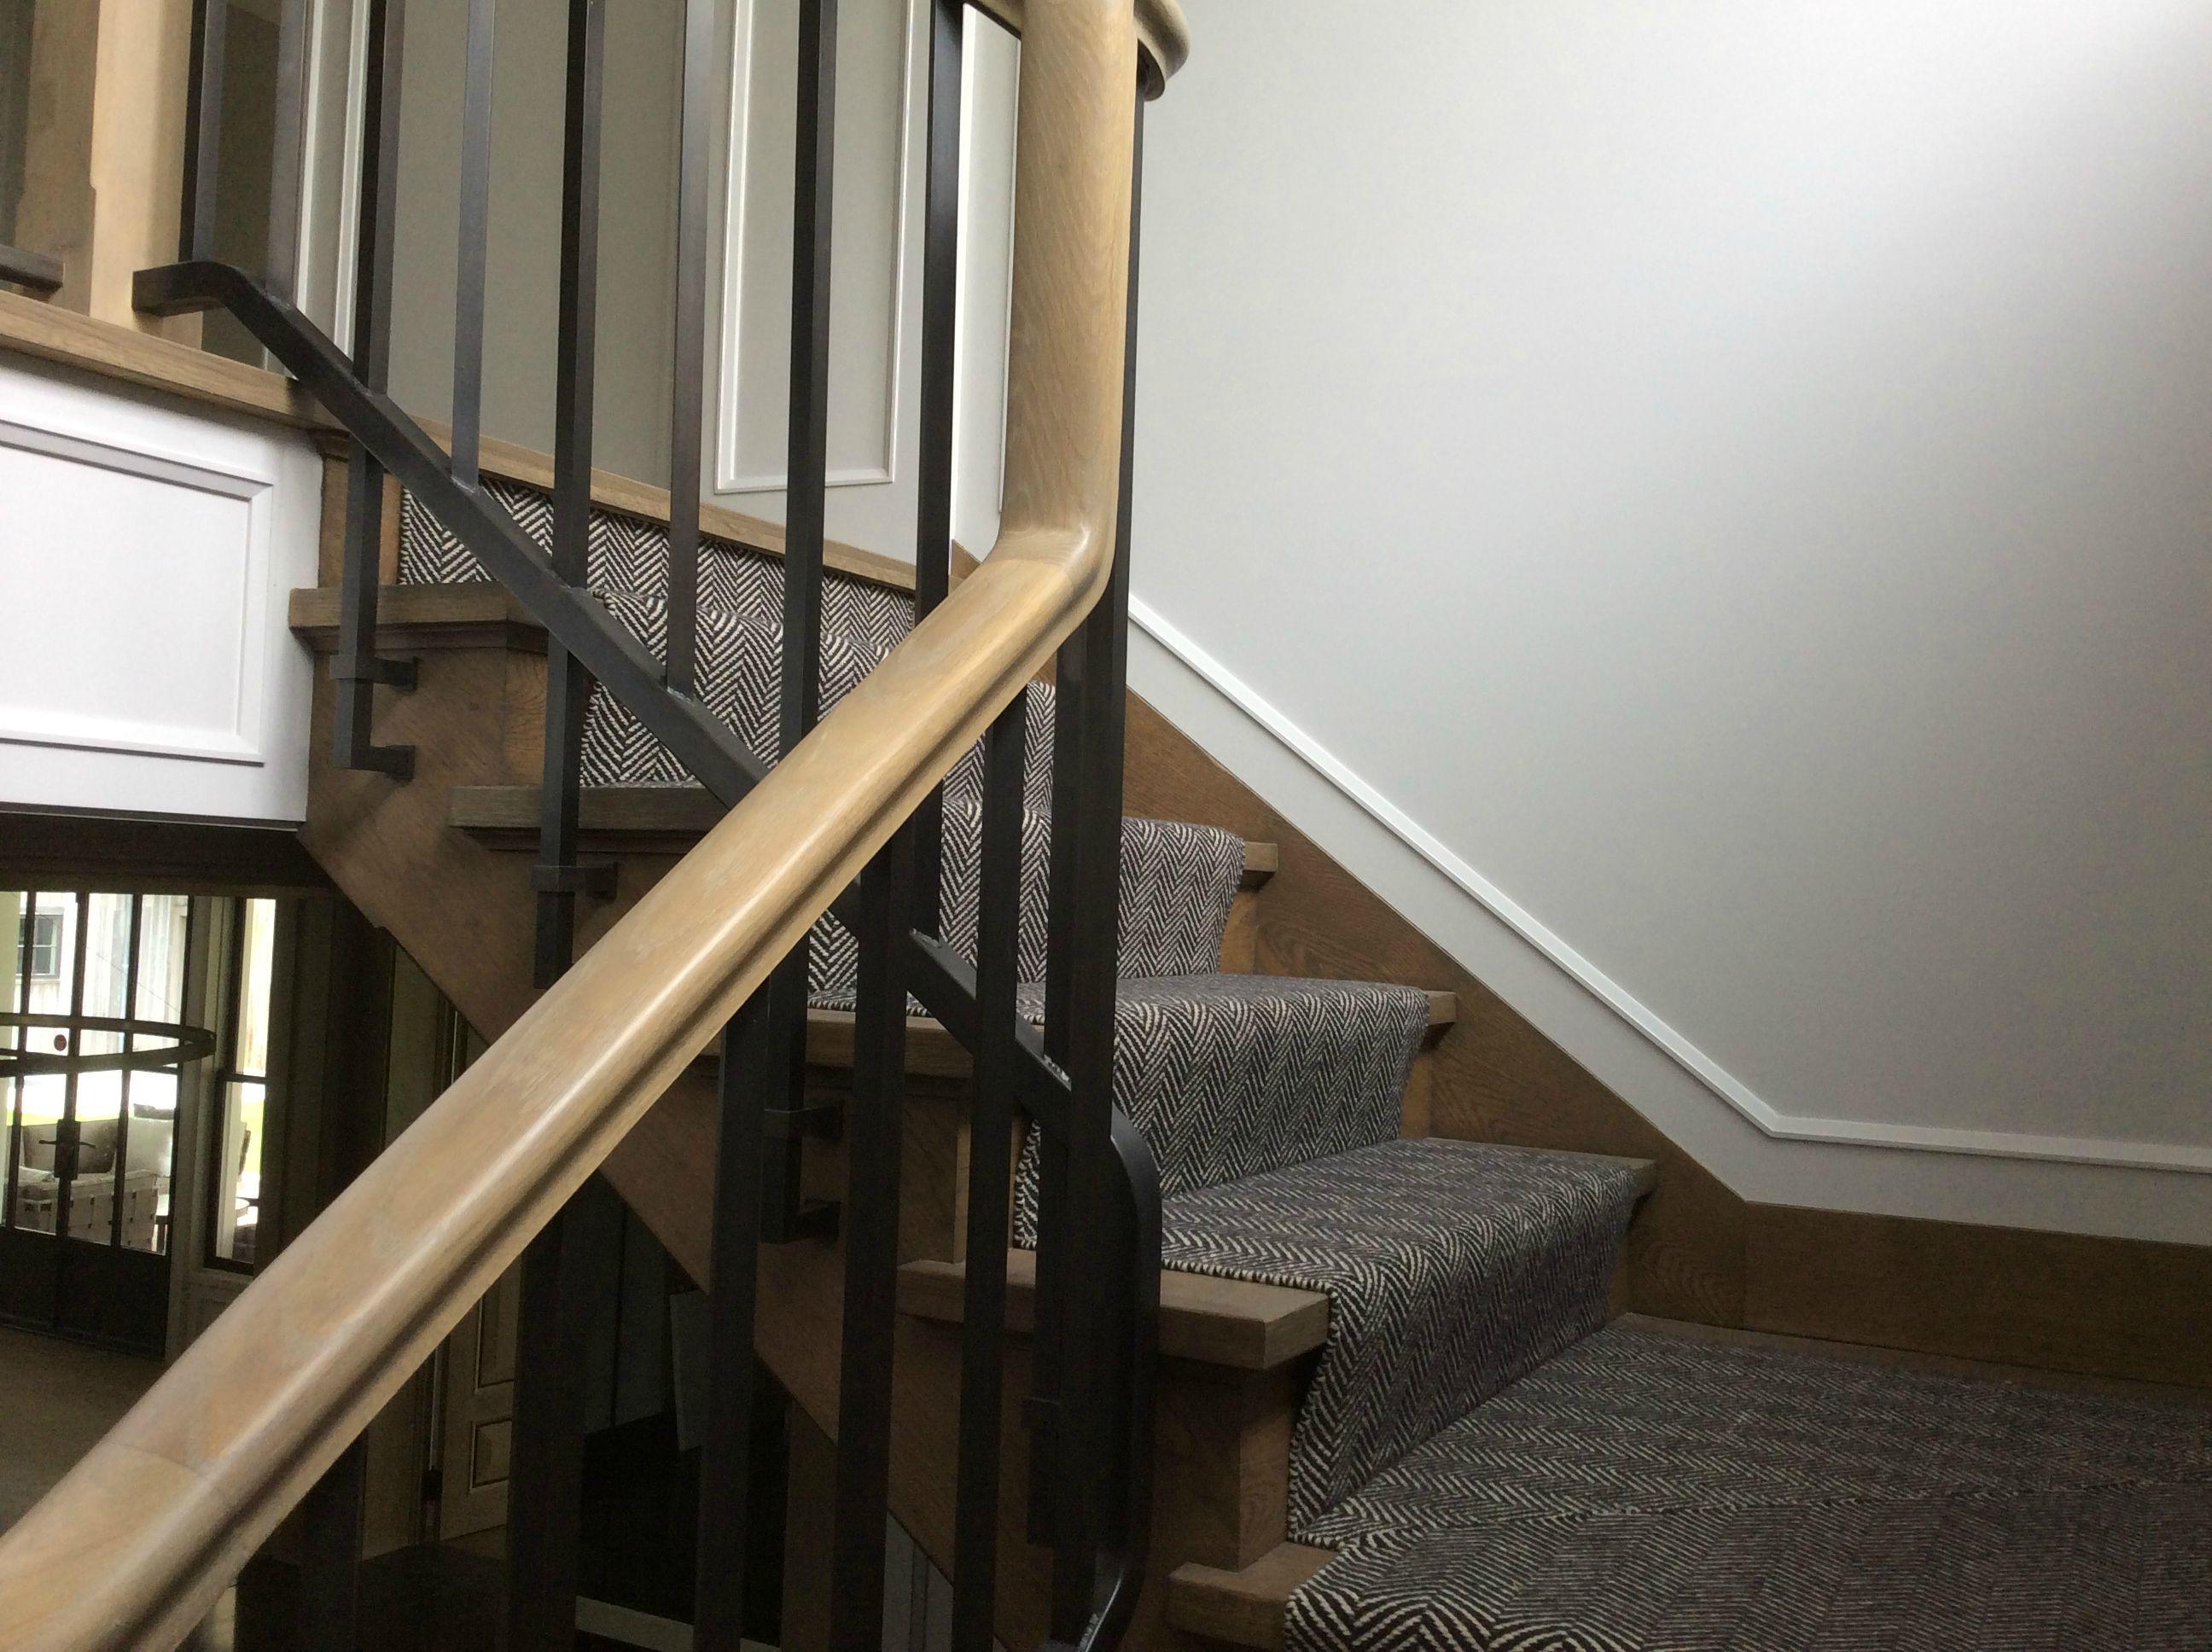 Best Cavalcanti Stair Runner In Herringbone Design Flatwoven 640 x 480